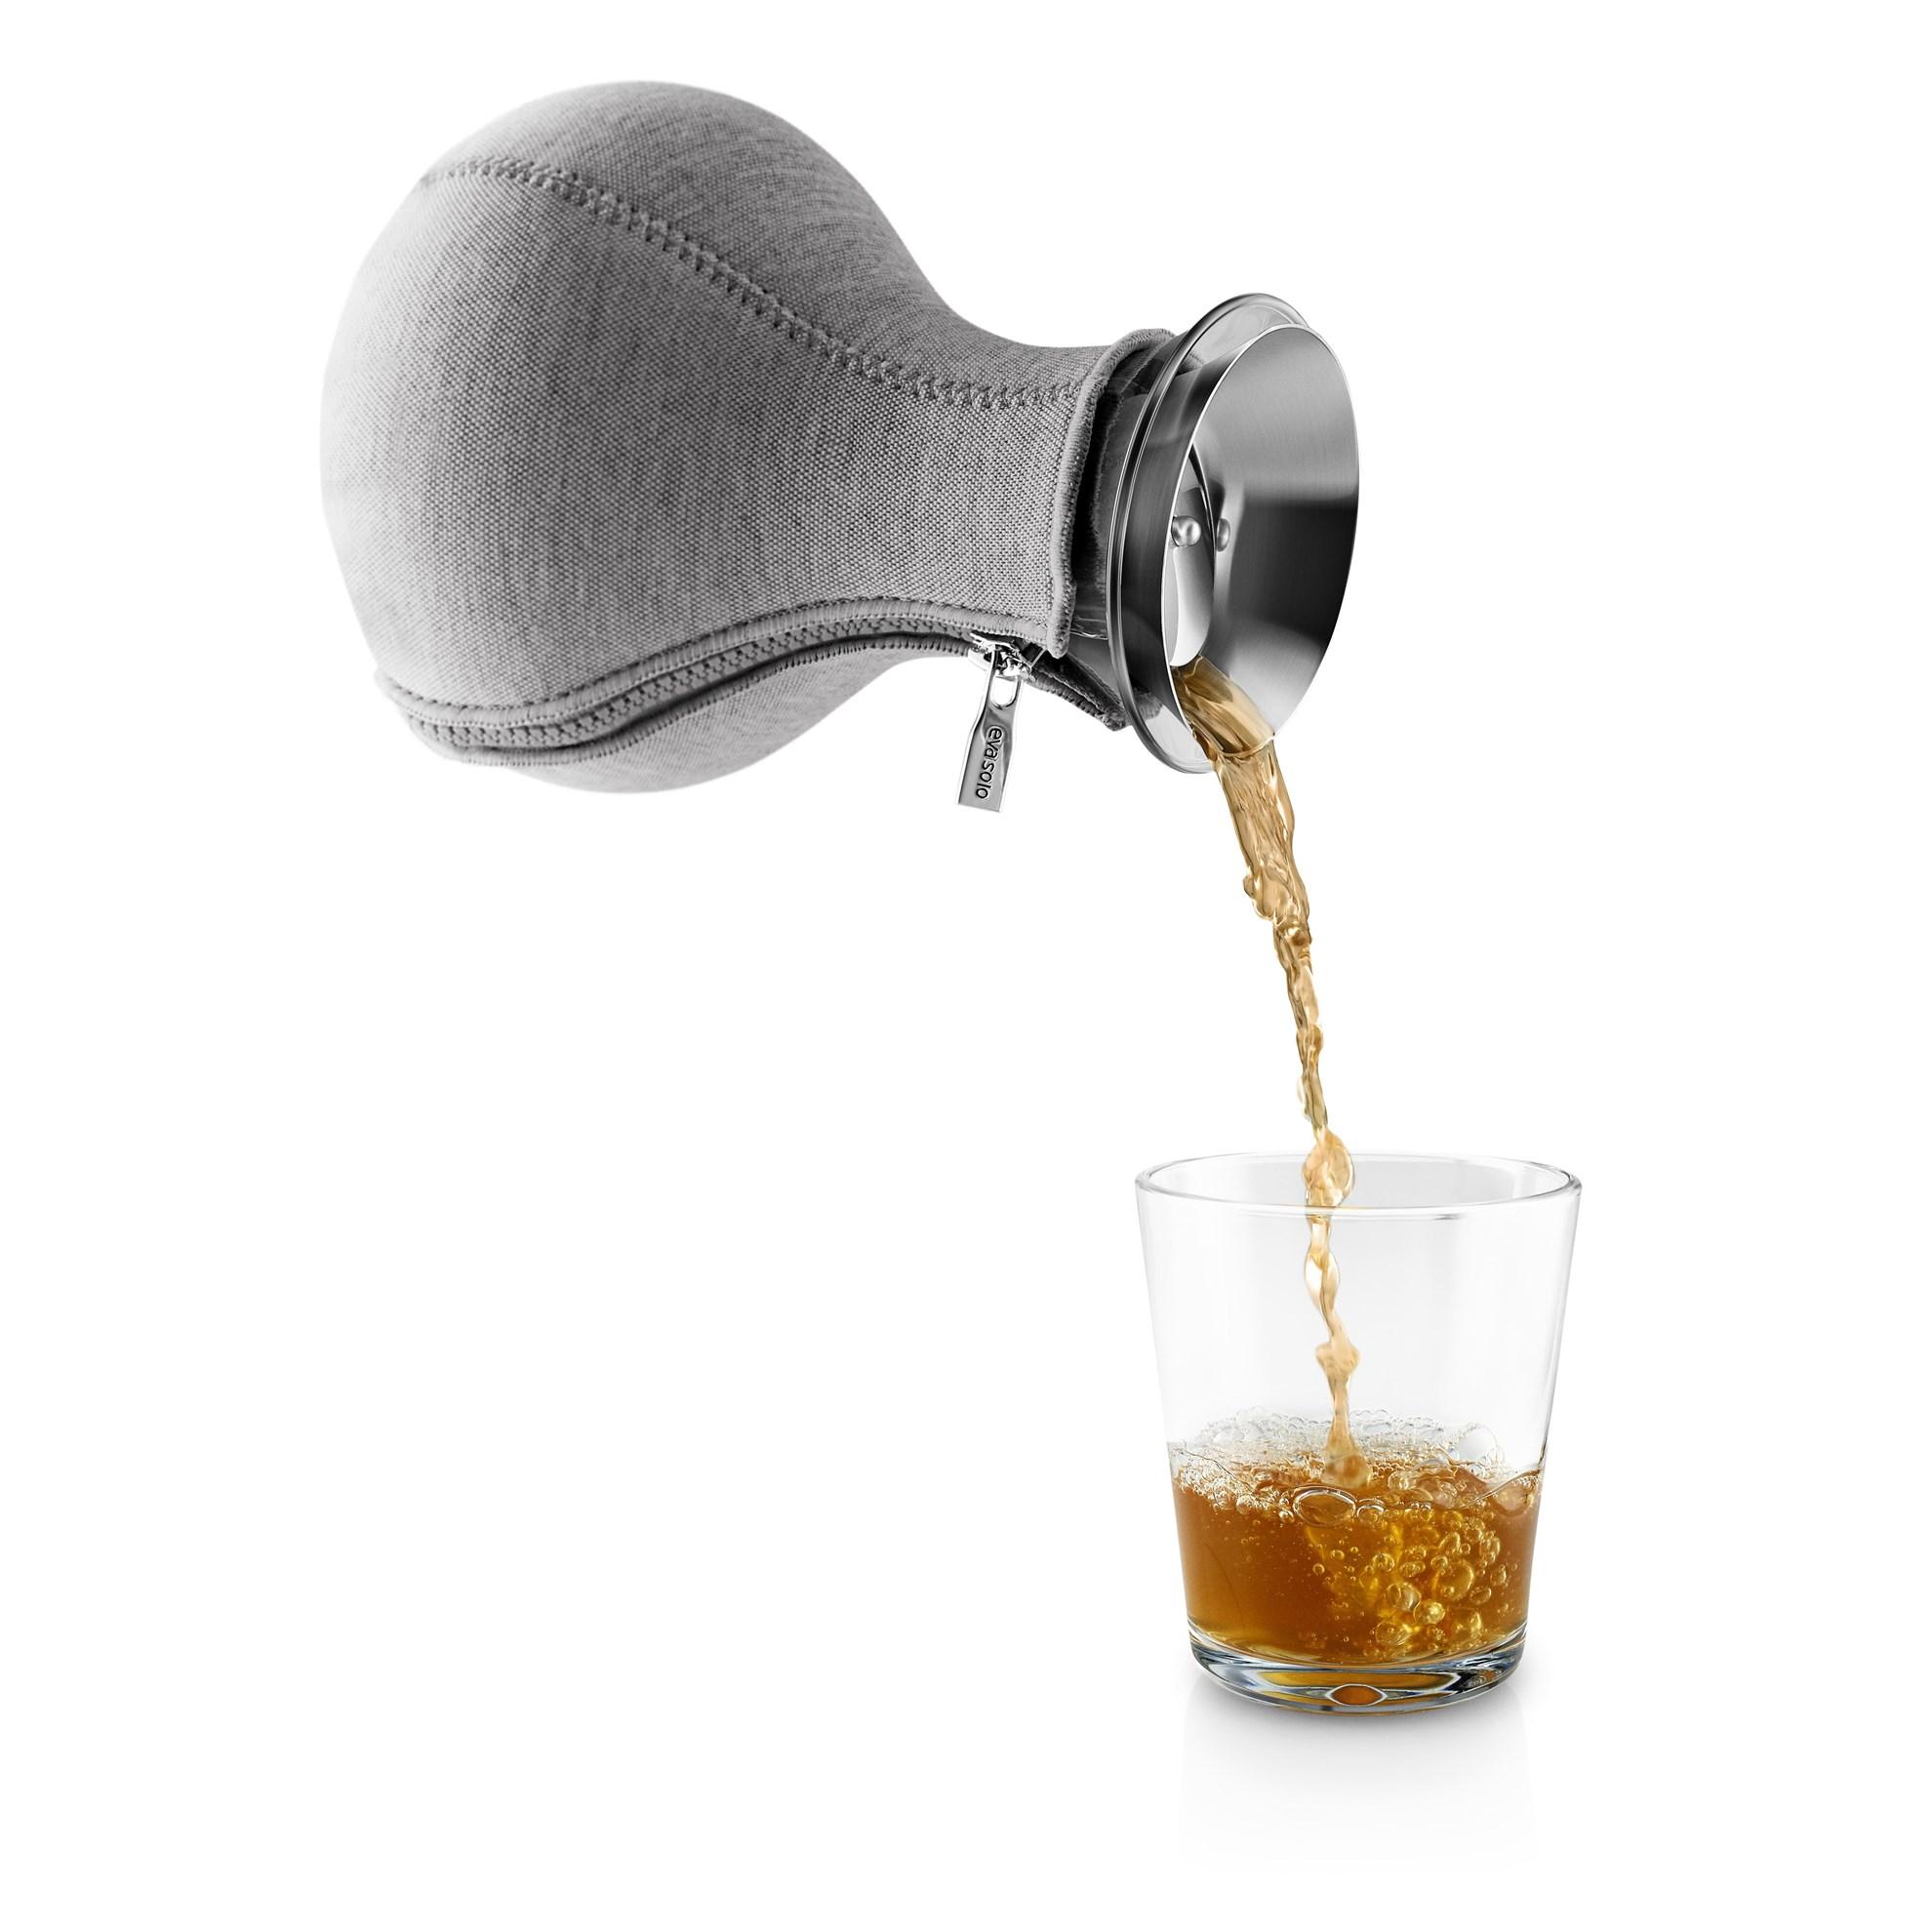 Karafa na výrobu čaje 1l s šedým potahem_1